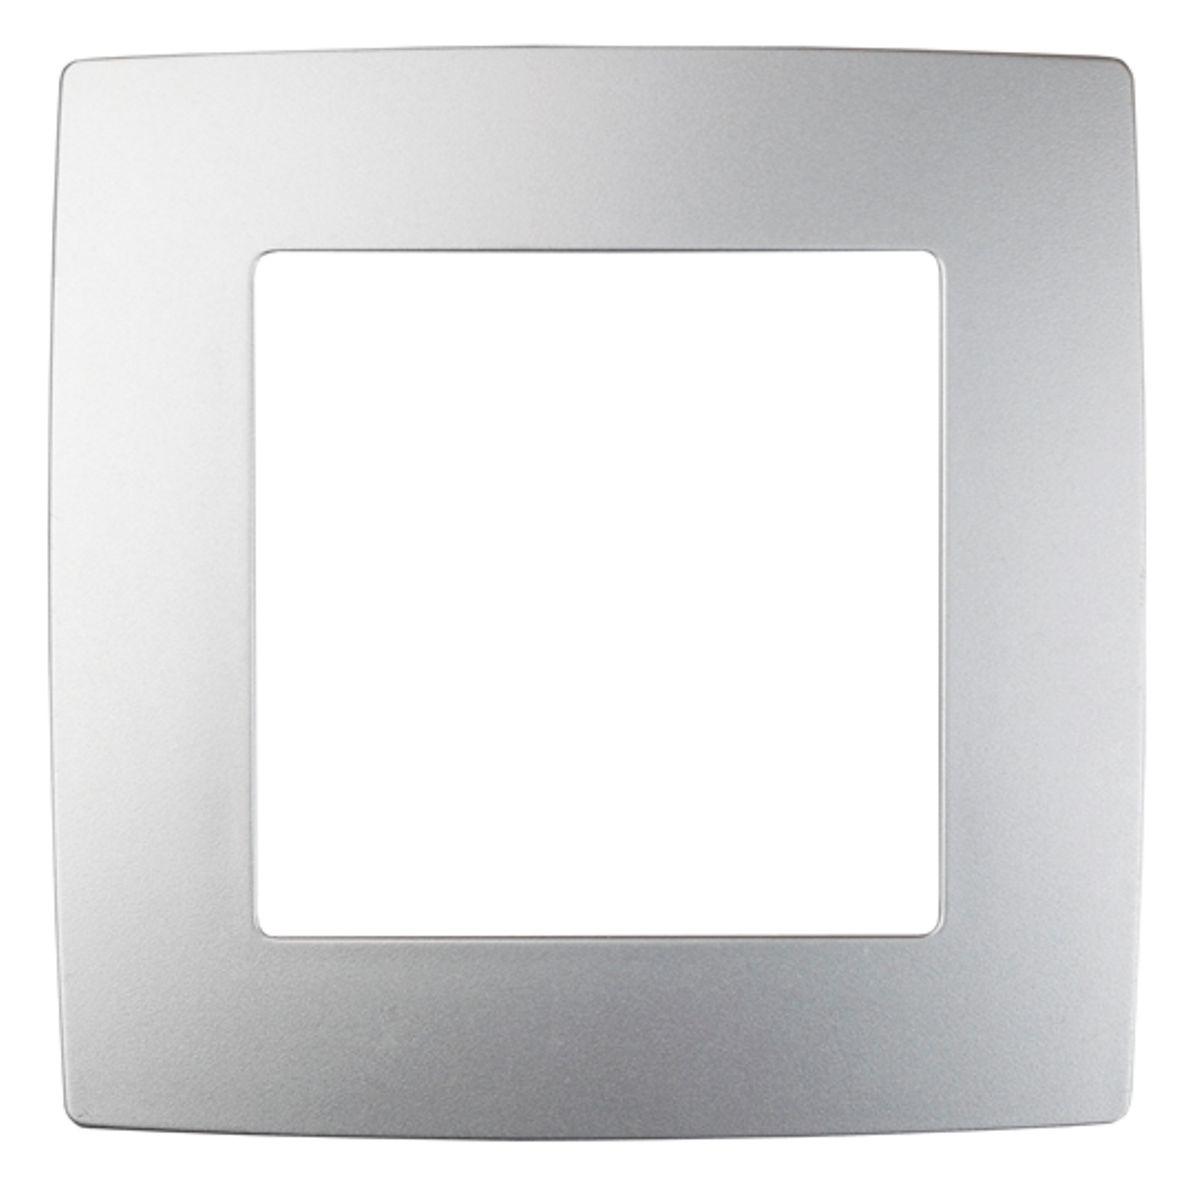 Рамка для встраиваемой розетки Эра, на 1 пост, цвет: алюминий